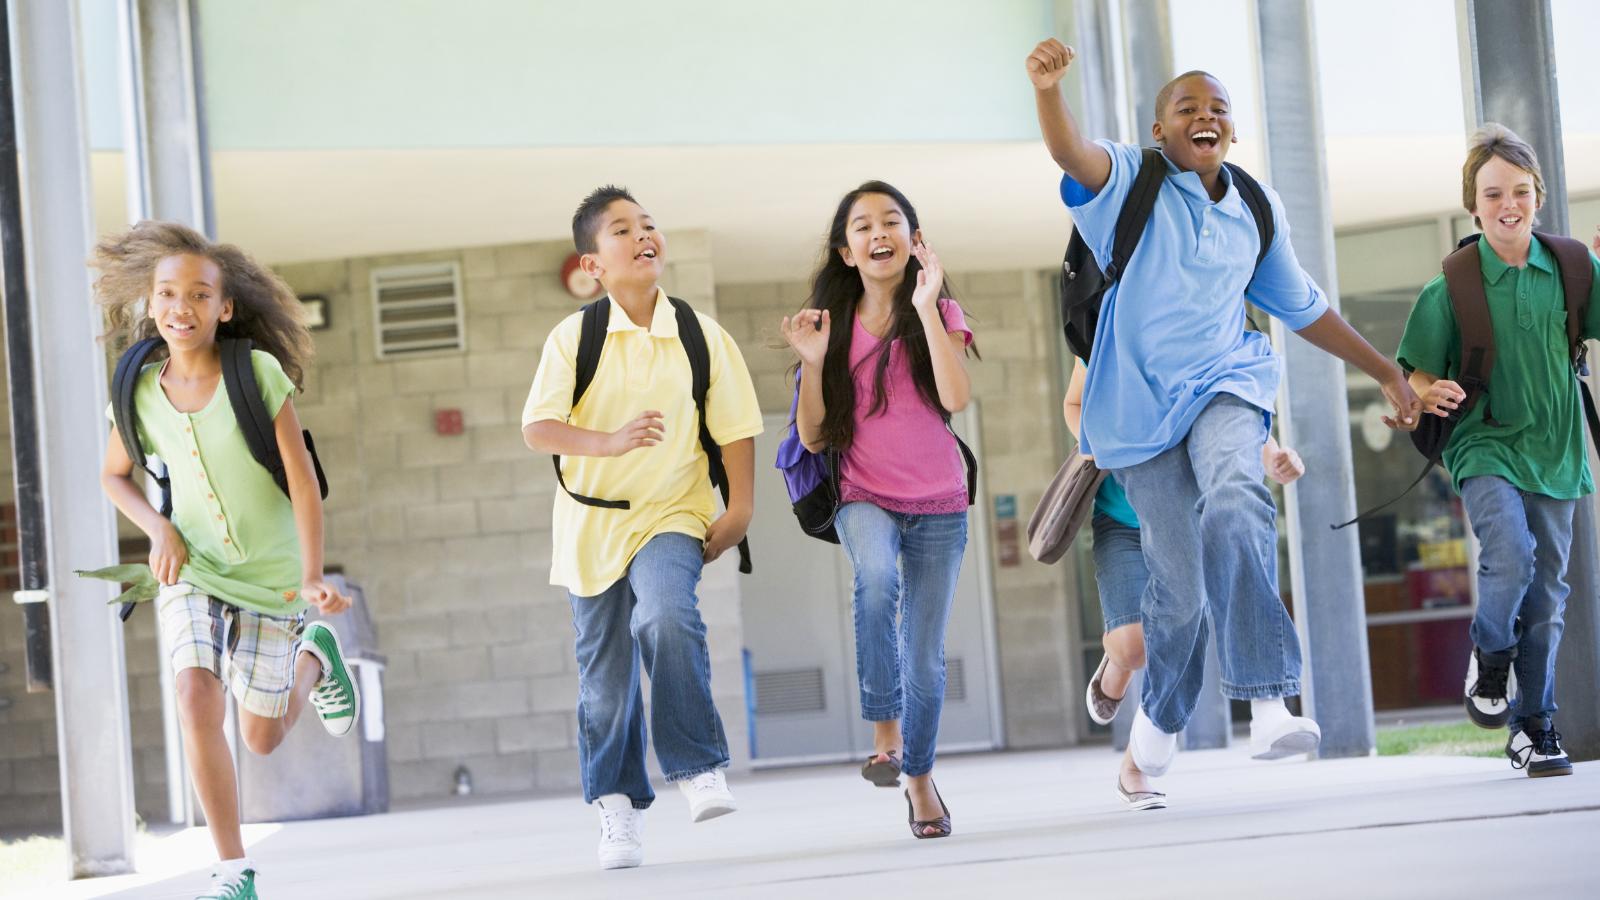 Student enrolment management system